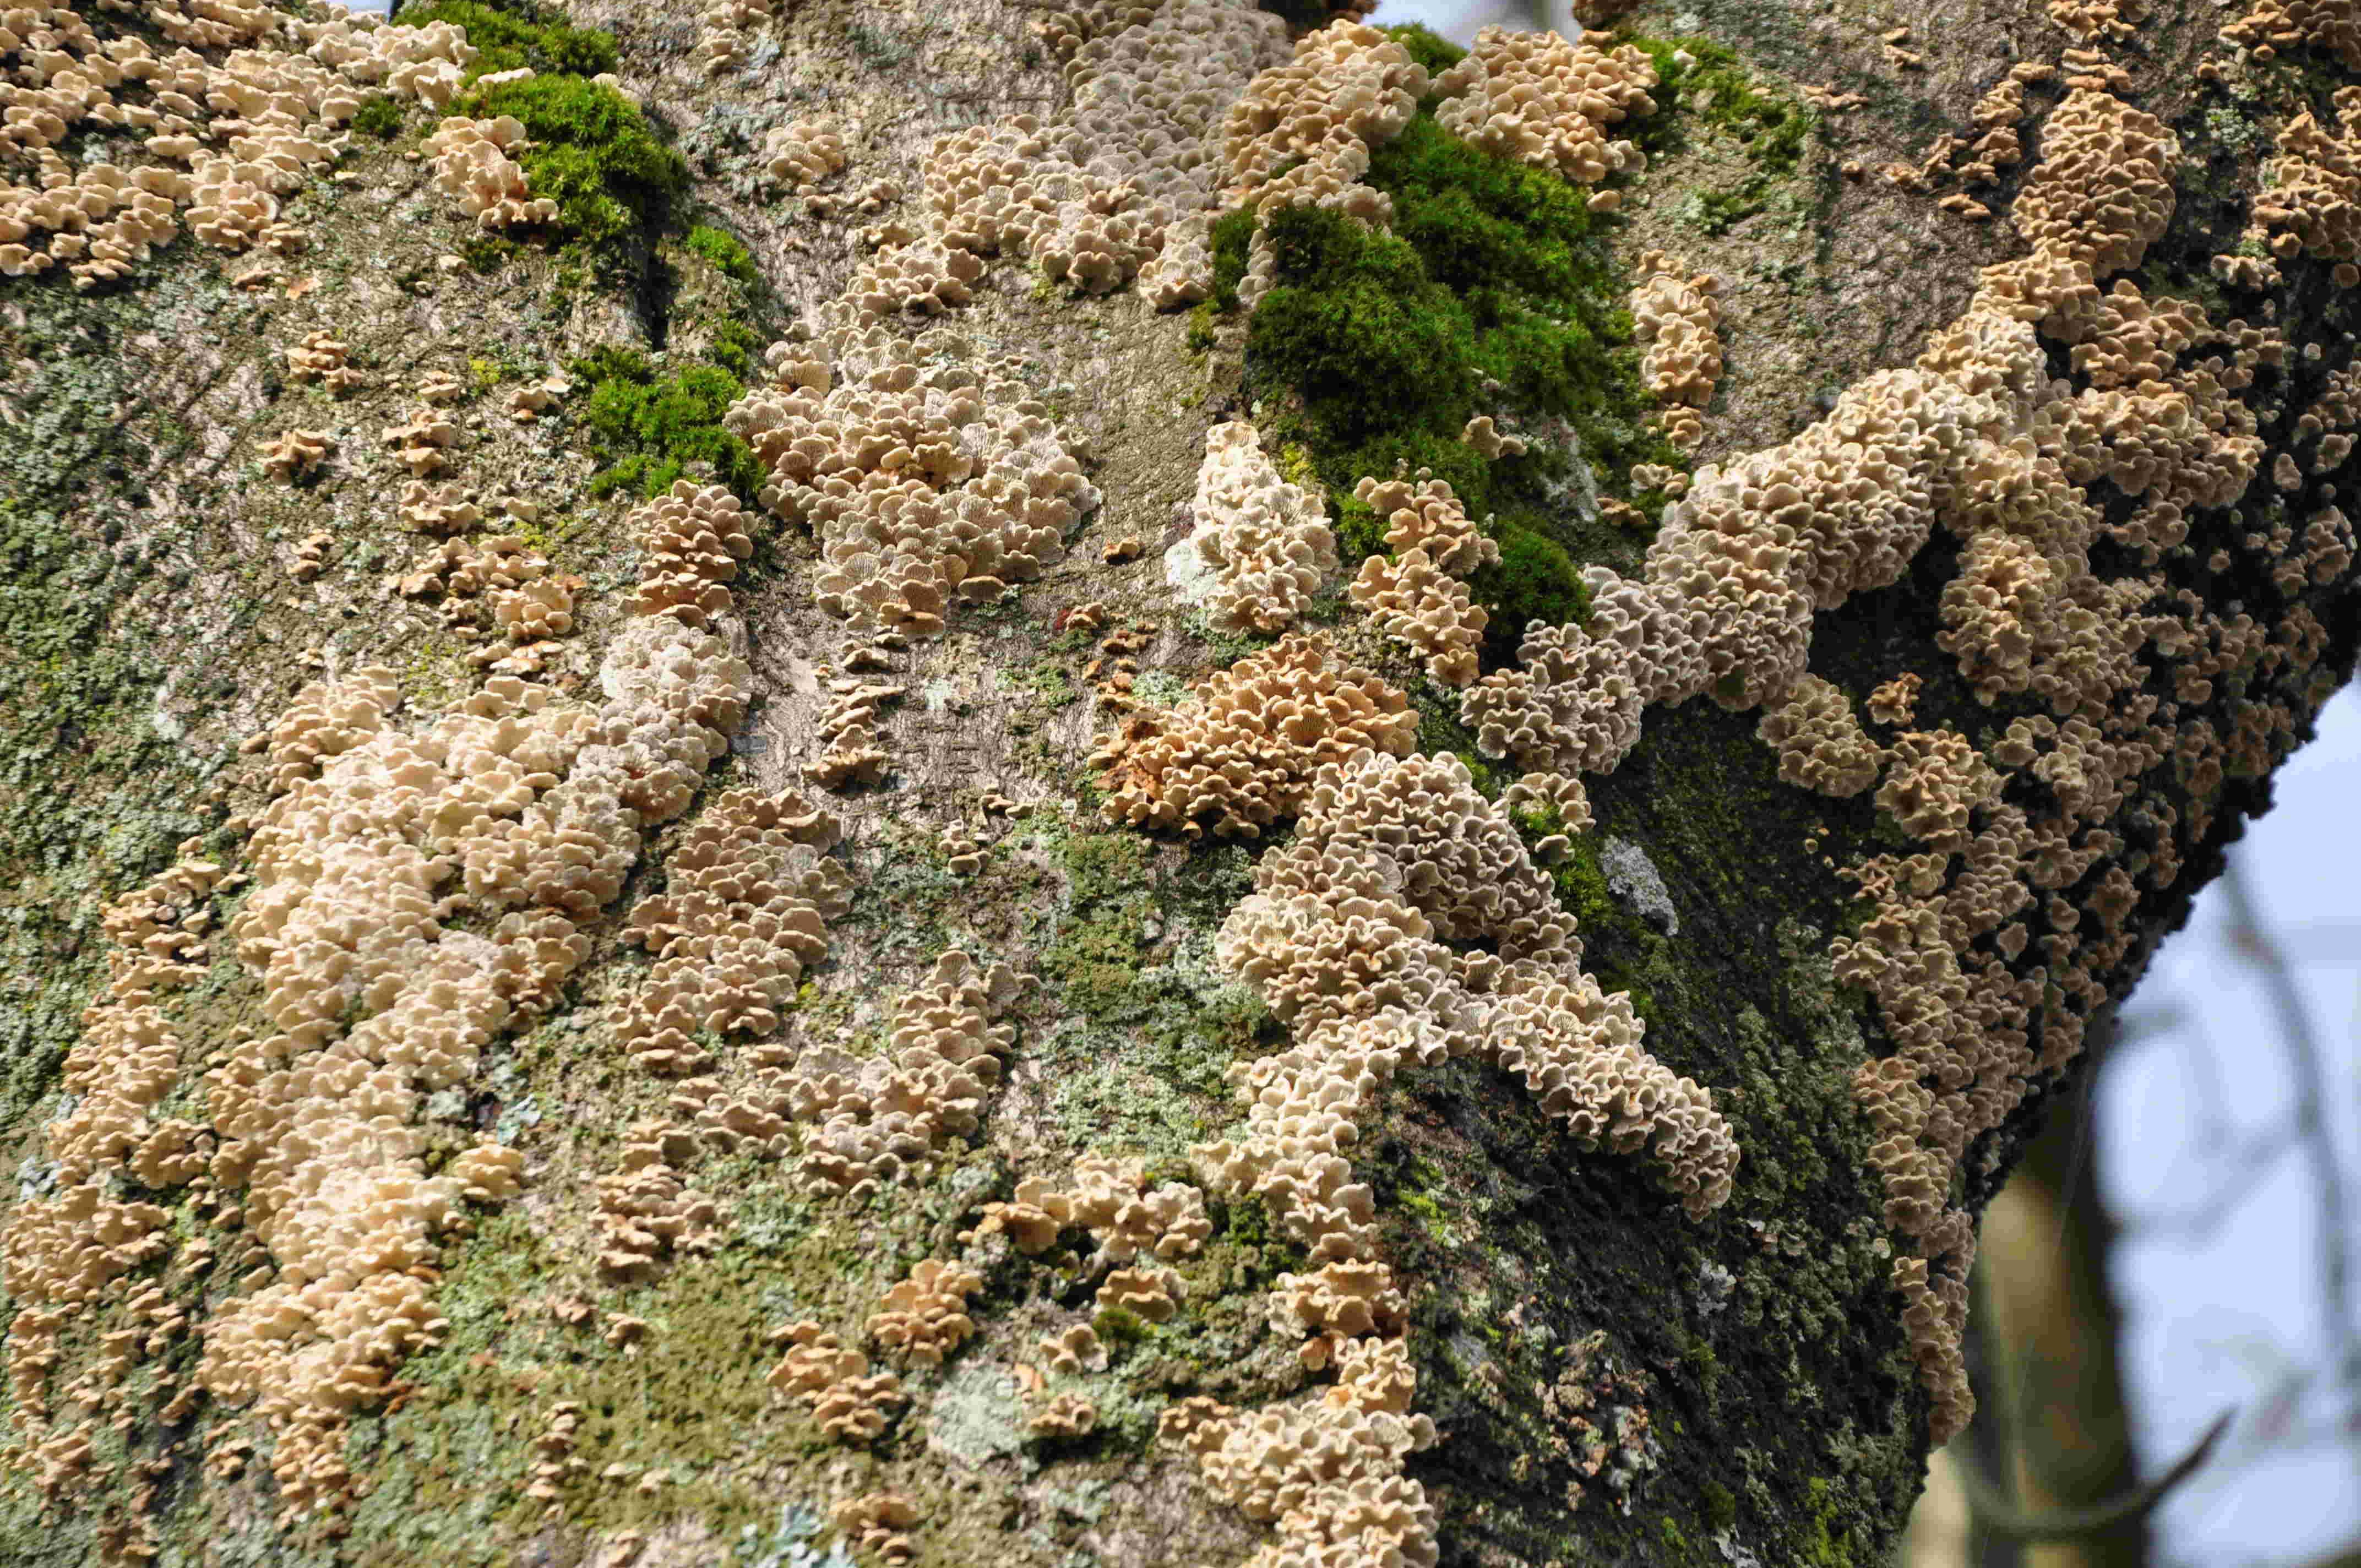 Olika typer av svampar har etablerat sig i den försvagade veden.